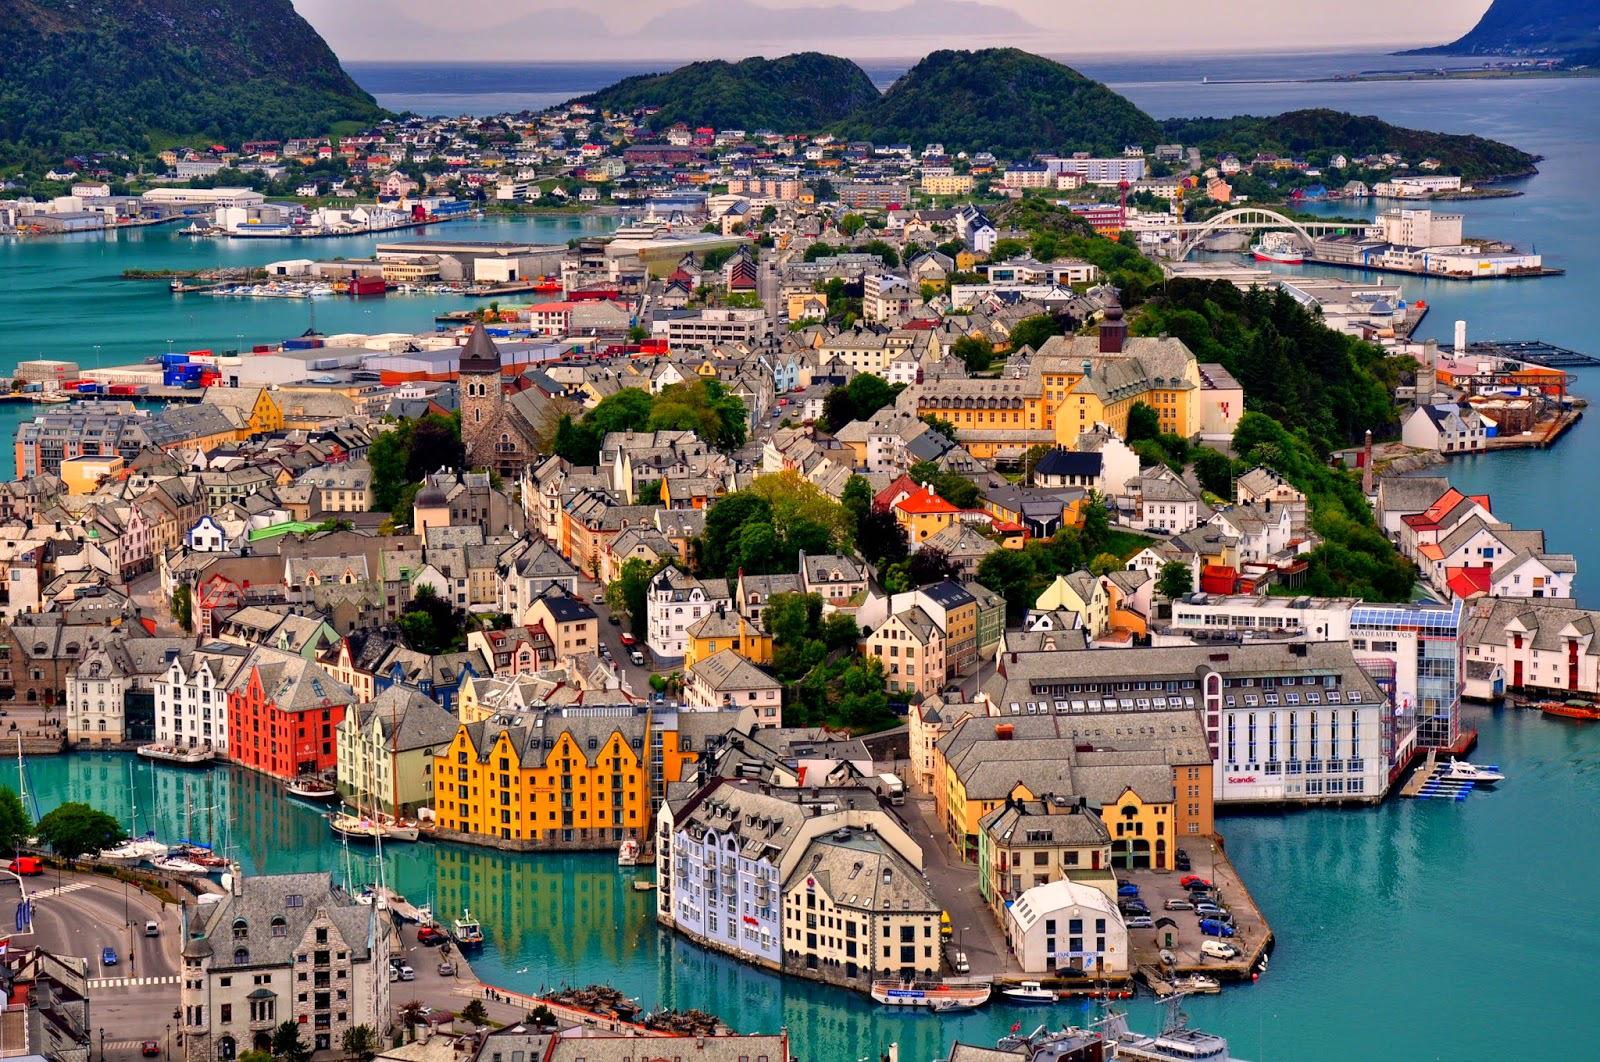 Как найти работу в норвегии снять квартиру в южной корее на месяц